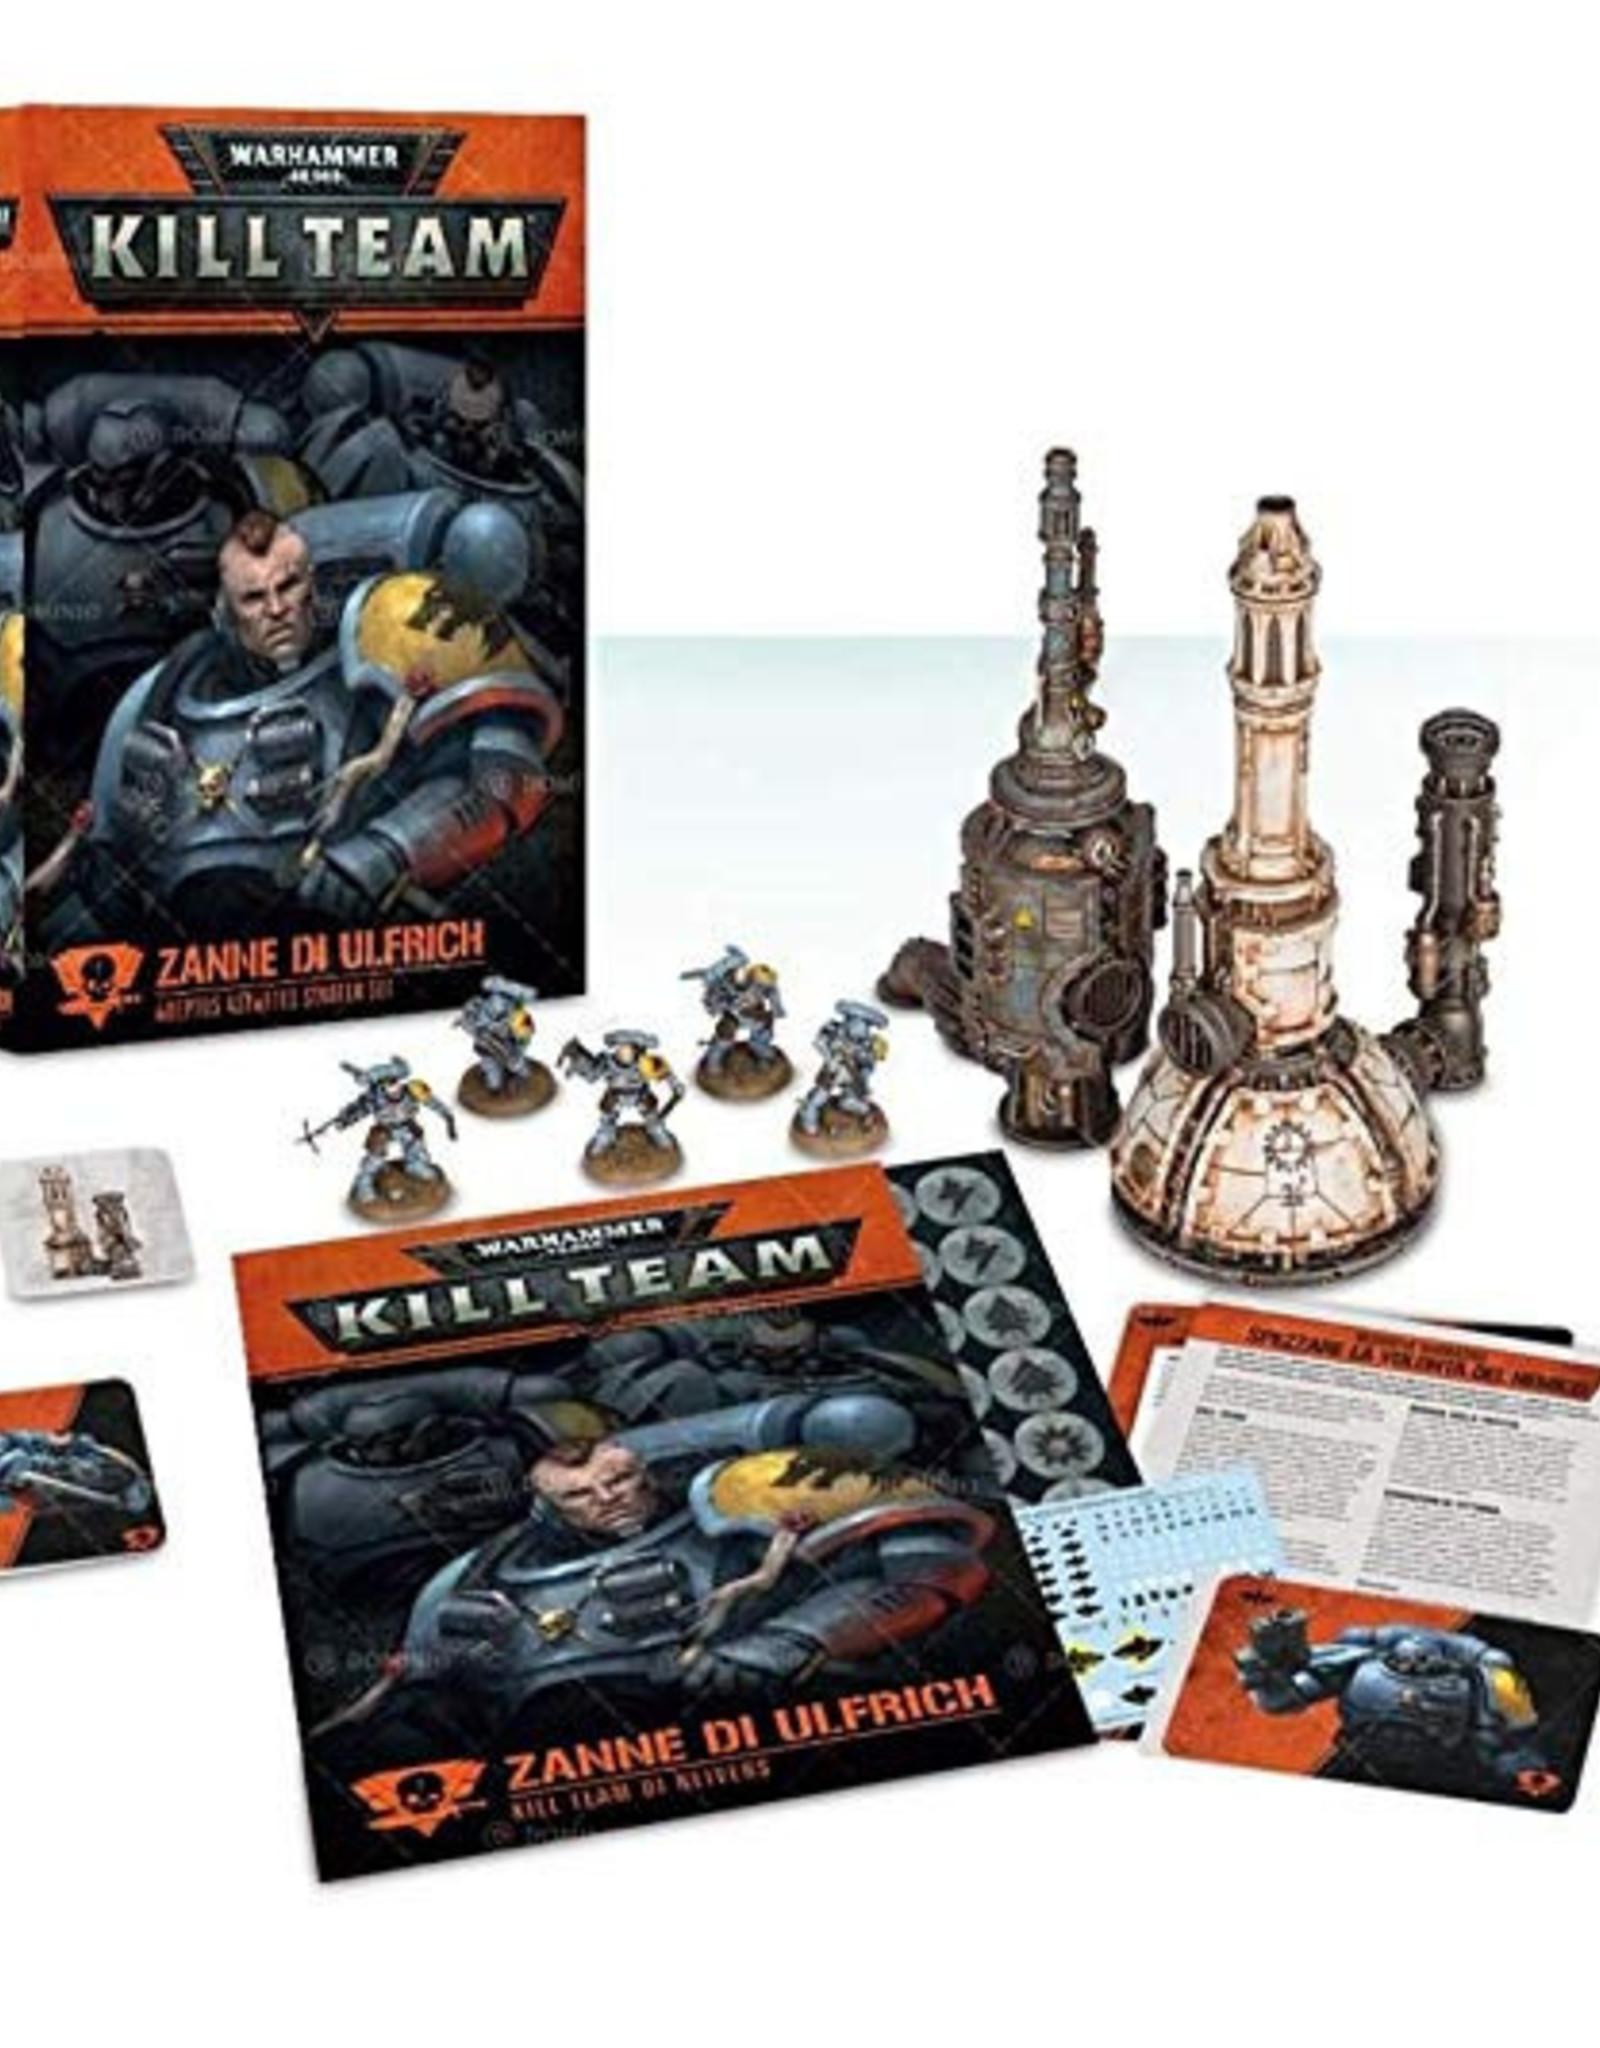 Kill Team Kill Team: Fangs of Ulfrich